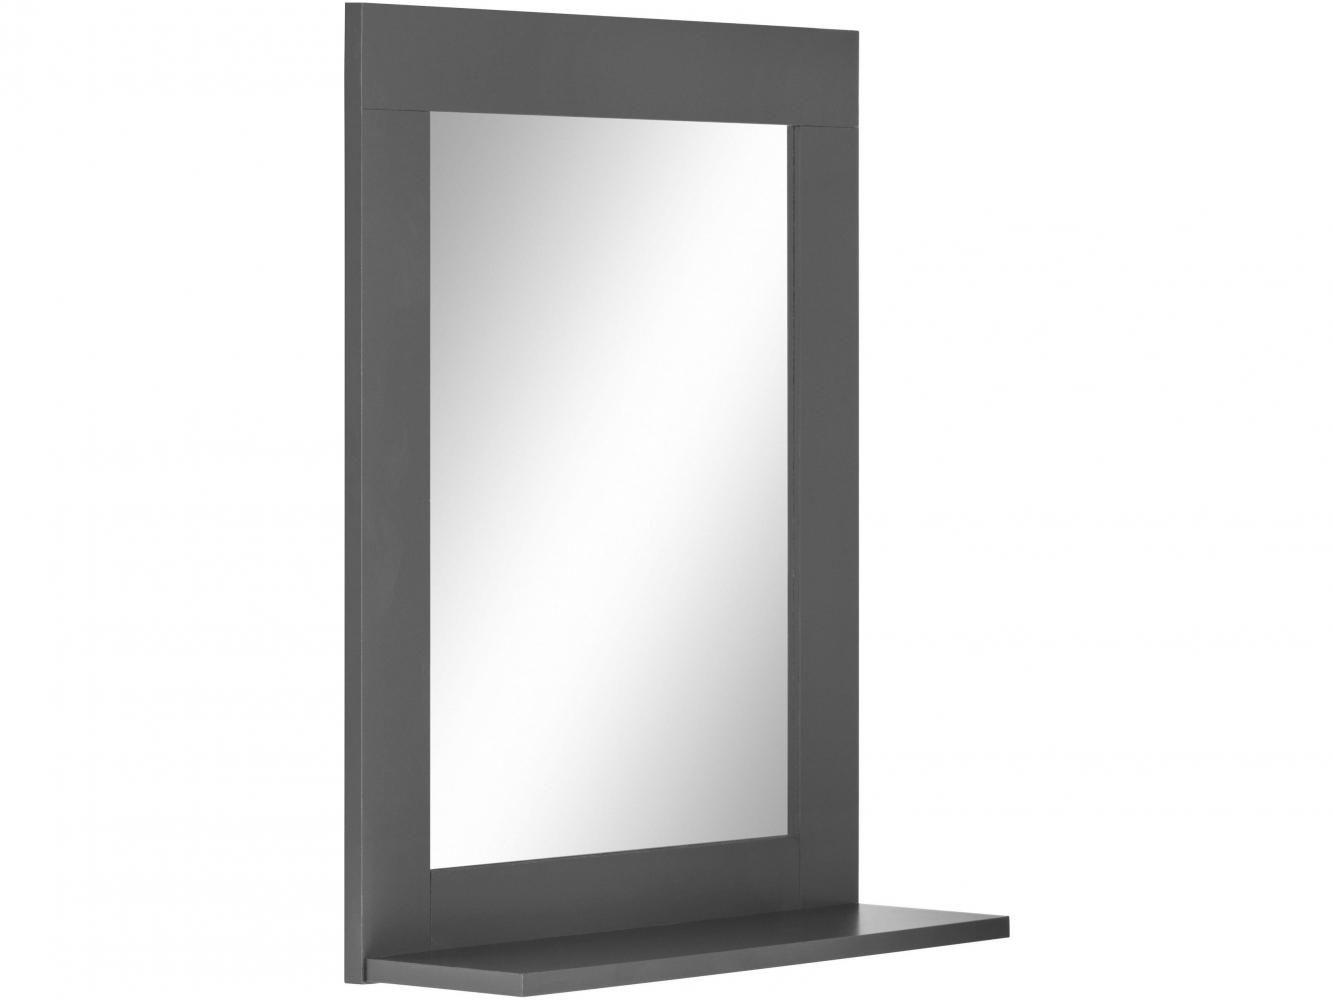 Nástěnné zrcadlo Kiley, 65 cm, šedá